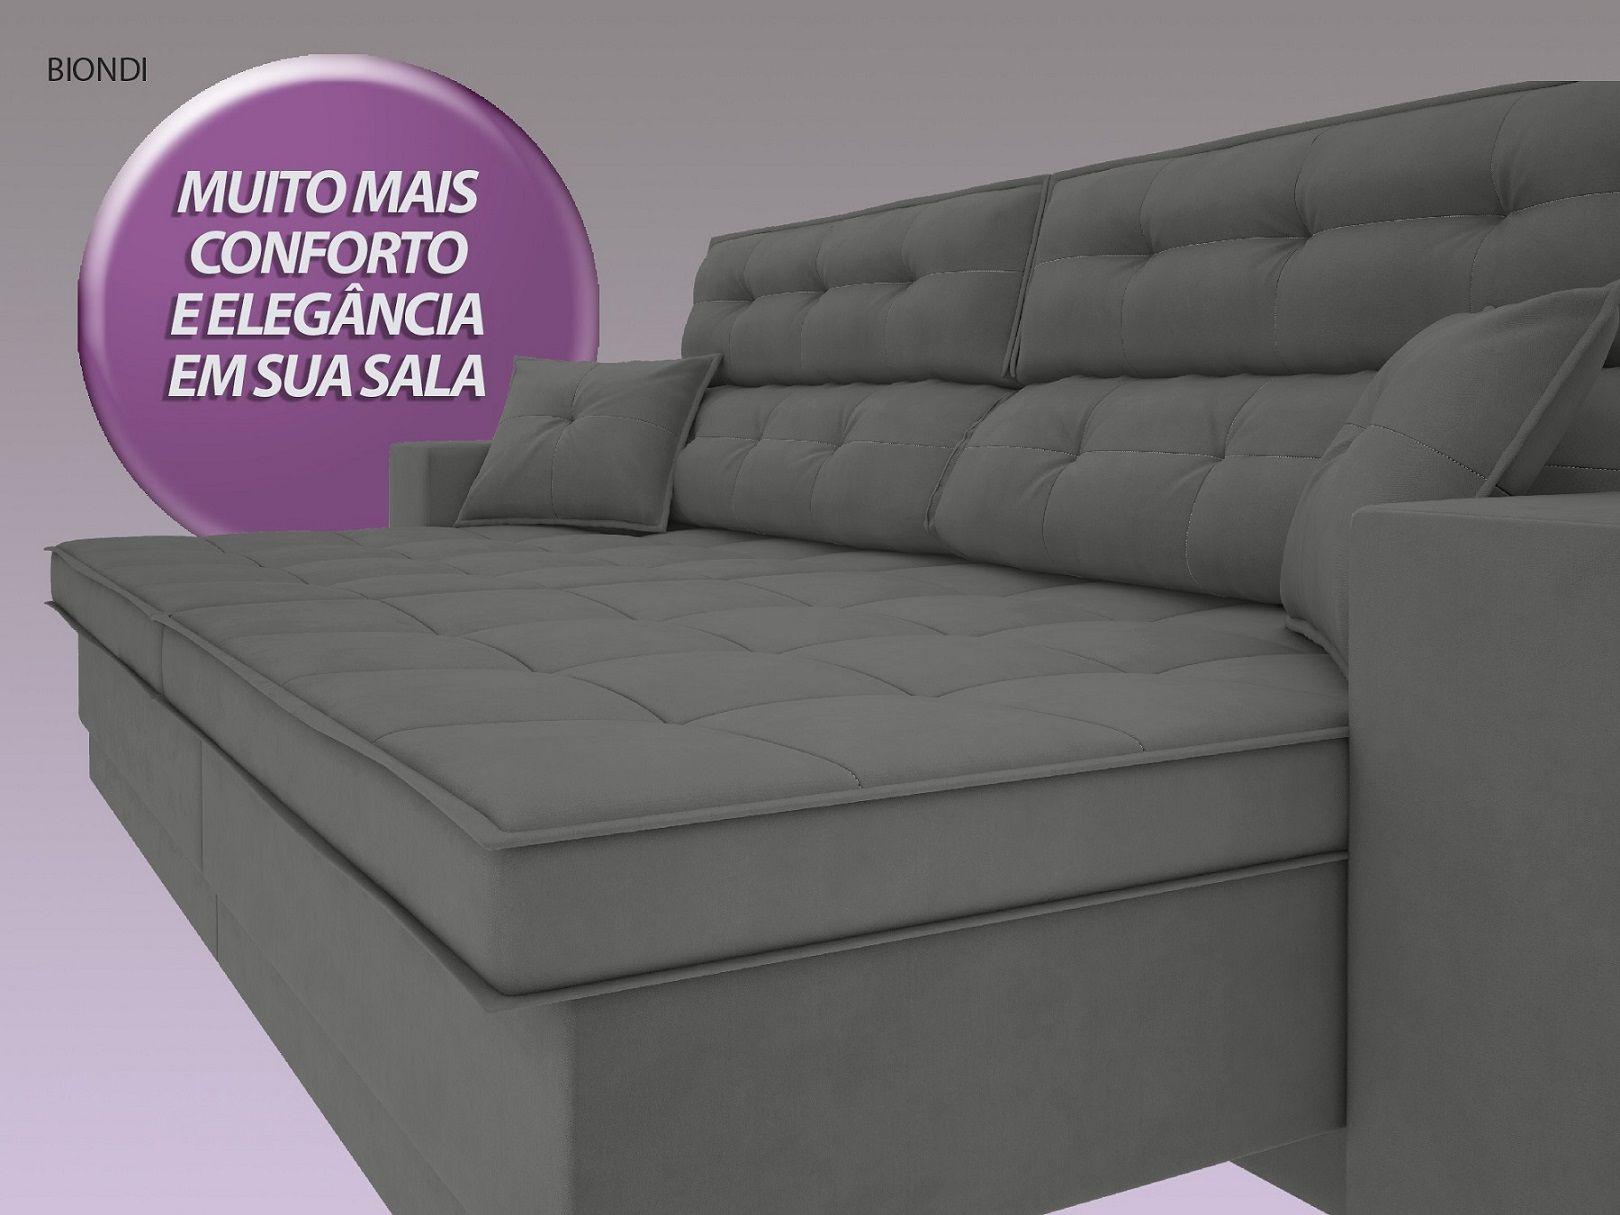 Sofá New Biondi 2,30m Retrátil e Reclinável Velosuede Grafite - NETSOFAS